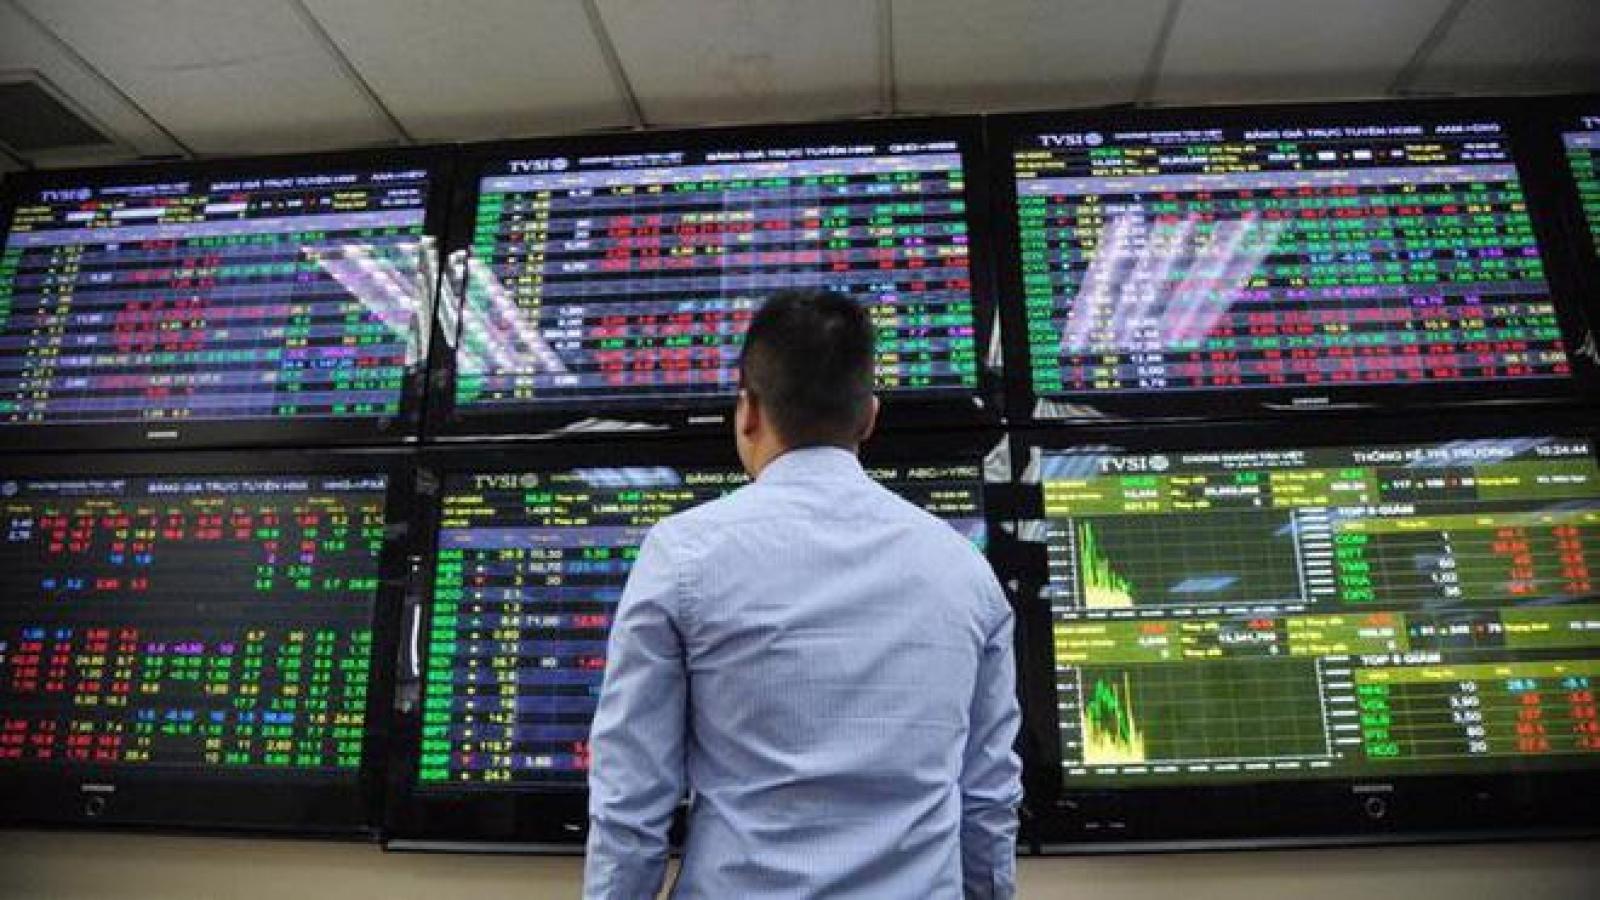 """Áp lực chốt lời gia tăng có thể khiến thị trường chứng khoán """"rung lắc"""" trong tuần này"""